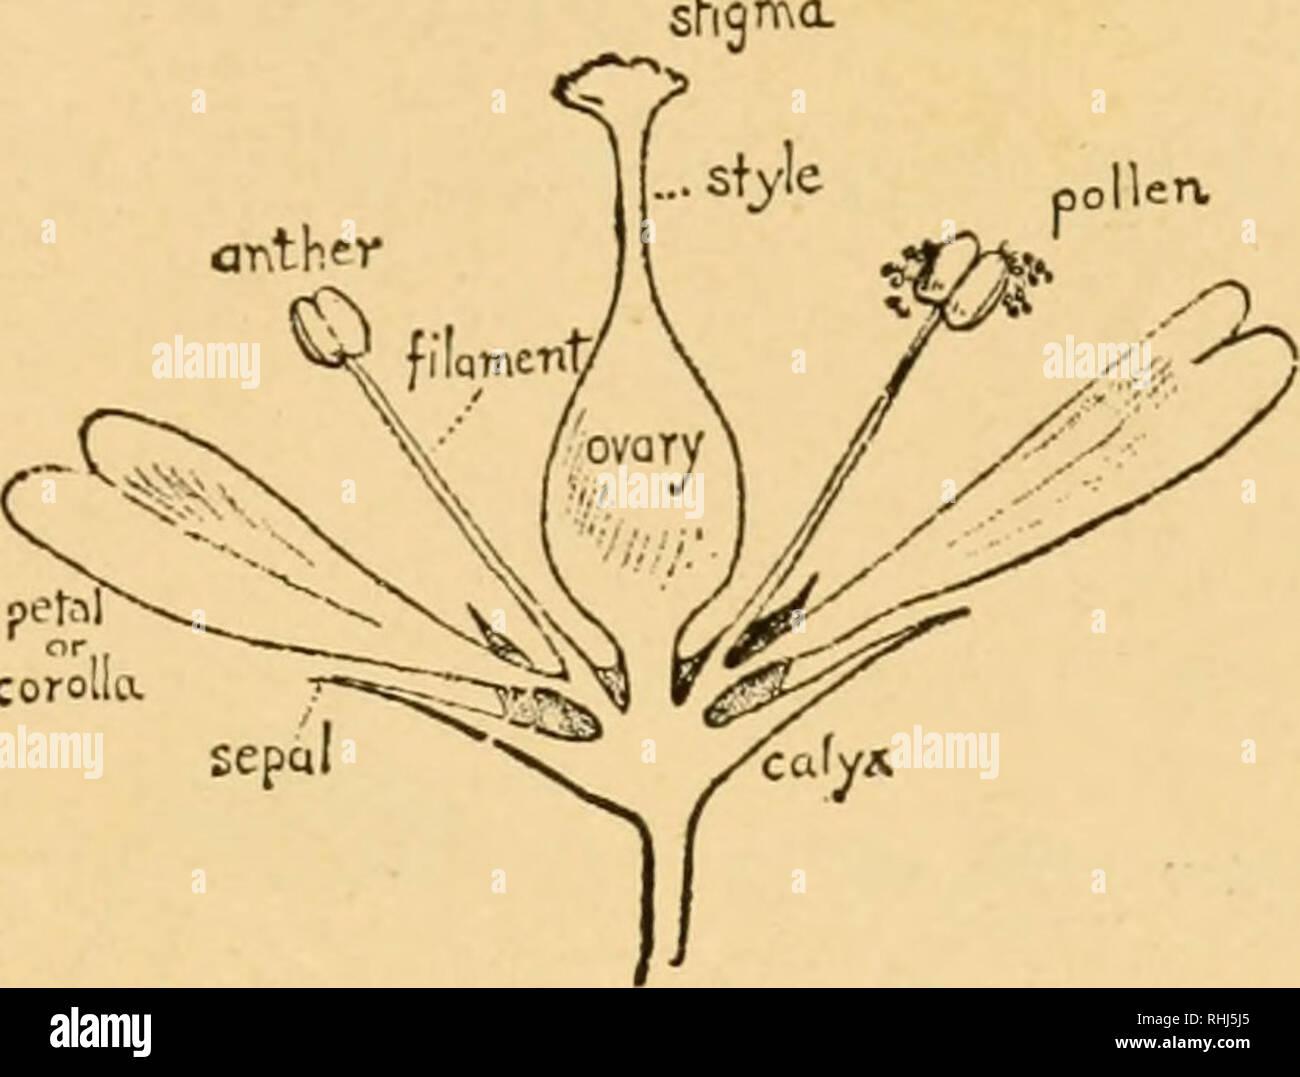 . Blüte und Insekt Gäste; wie die Heide Familie, die bluets, Braunwurzgewächse, die Orchideen und ähnliche wilde Blumen willkommen die Biene, die Fliegen, Wespen, Motten und andere Insekten treu. Düngung von Pflanzen. Die Entdeckungen von vier großen Botaniker. Abb. Aufbau einer Blume, aber um dieses Verständnis zu versichern, ist es gut, vielleicht, unser Gedächtnis aufzufrischen in Bezug auf die begleitenden Dia-gramm. Abb. Ich, einer Ab-stract Blume, die verschiedenen Teile indiziert zu werden. Der Kelch in der Regel en - Schließt die Knospe, und Mav tubuläre oder aus separaten Blättern oder Kelchblätter, wie in eine Rose. T Stockbild